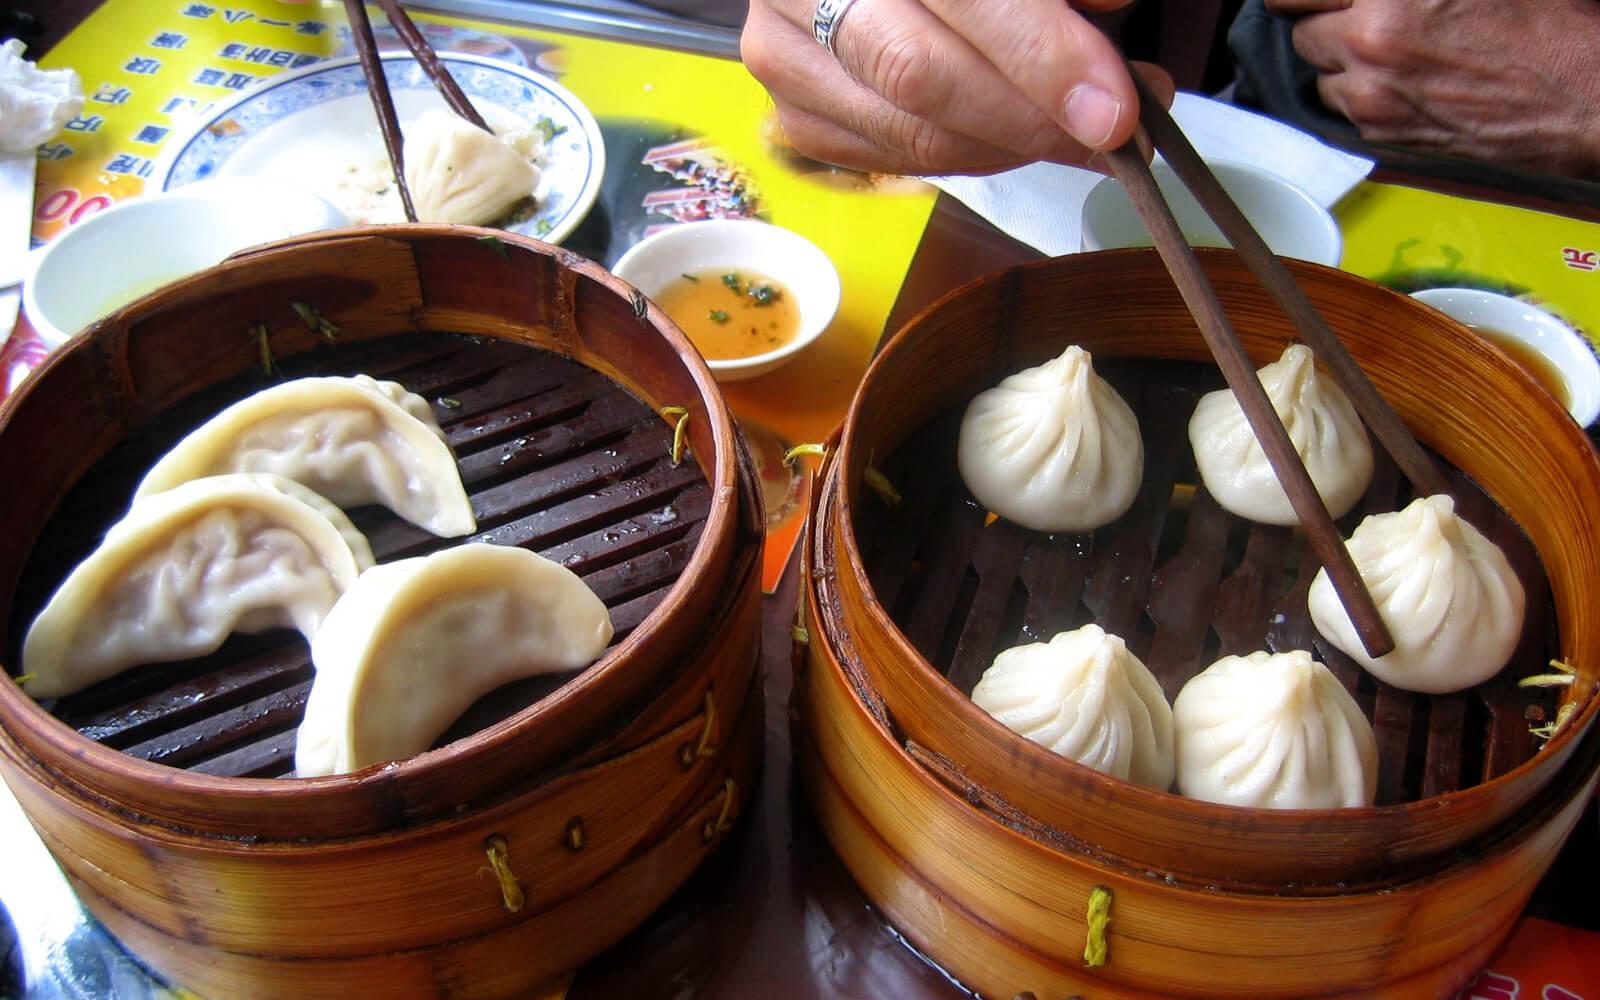 Chinesische Esskultur: Lokale Köstlichkeiten